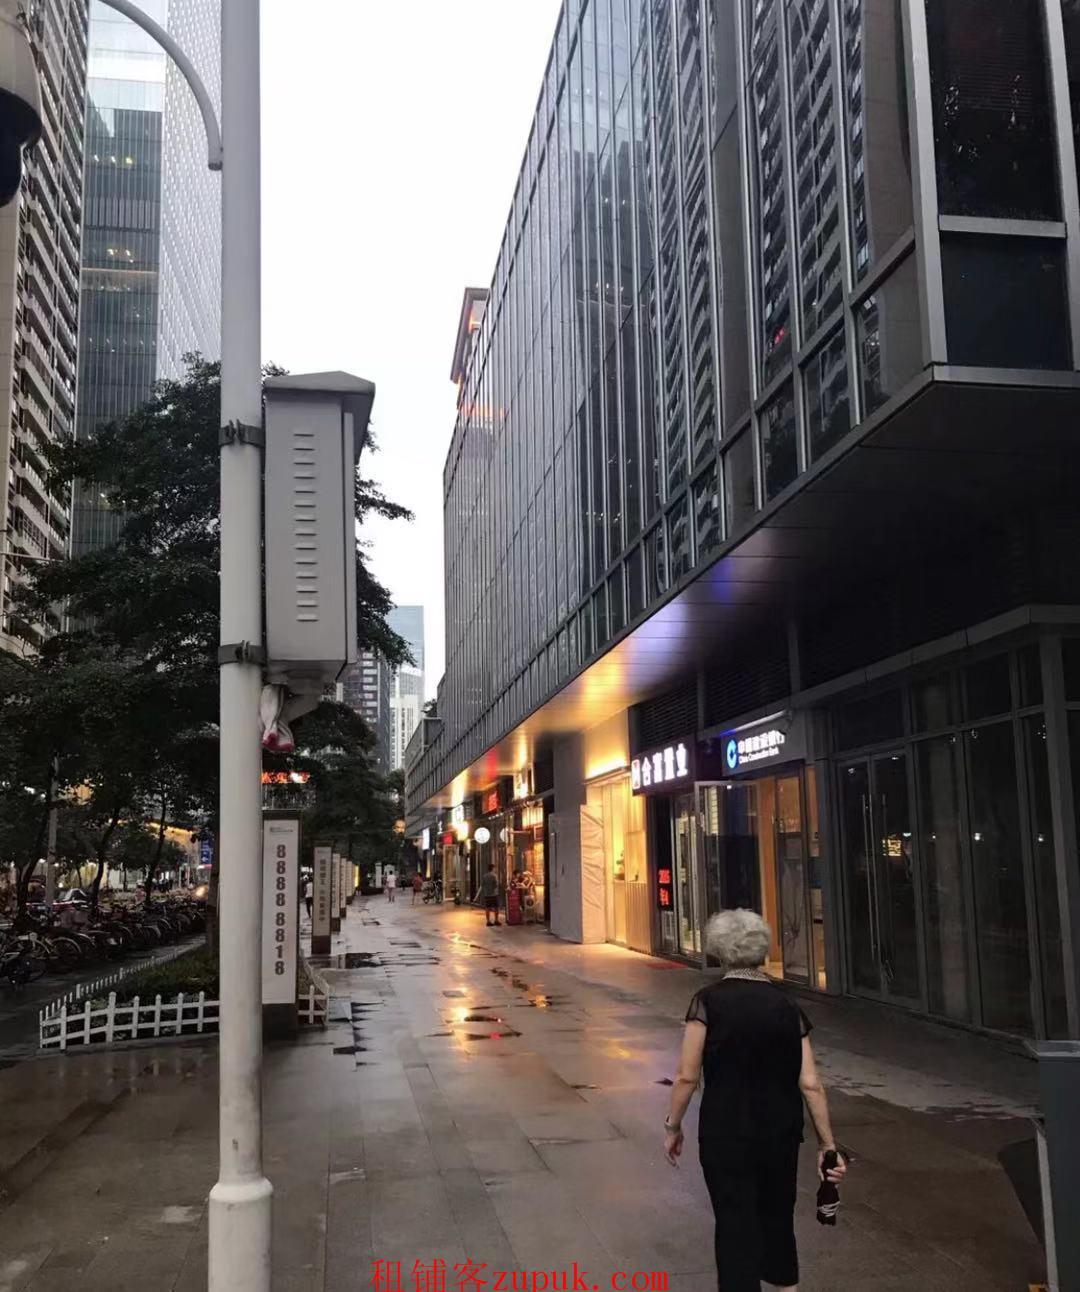 天河区车陂地铁站商场配套美食城档口商铺出租执照齐全业态不限